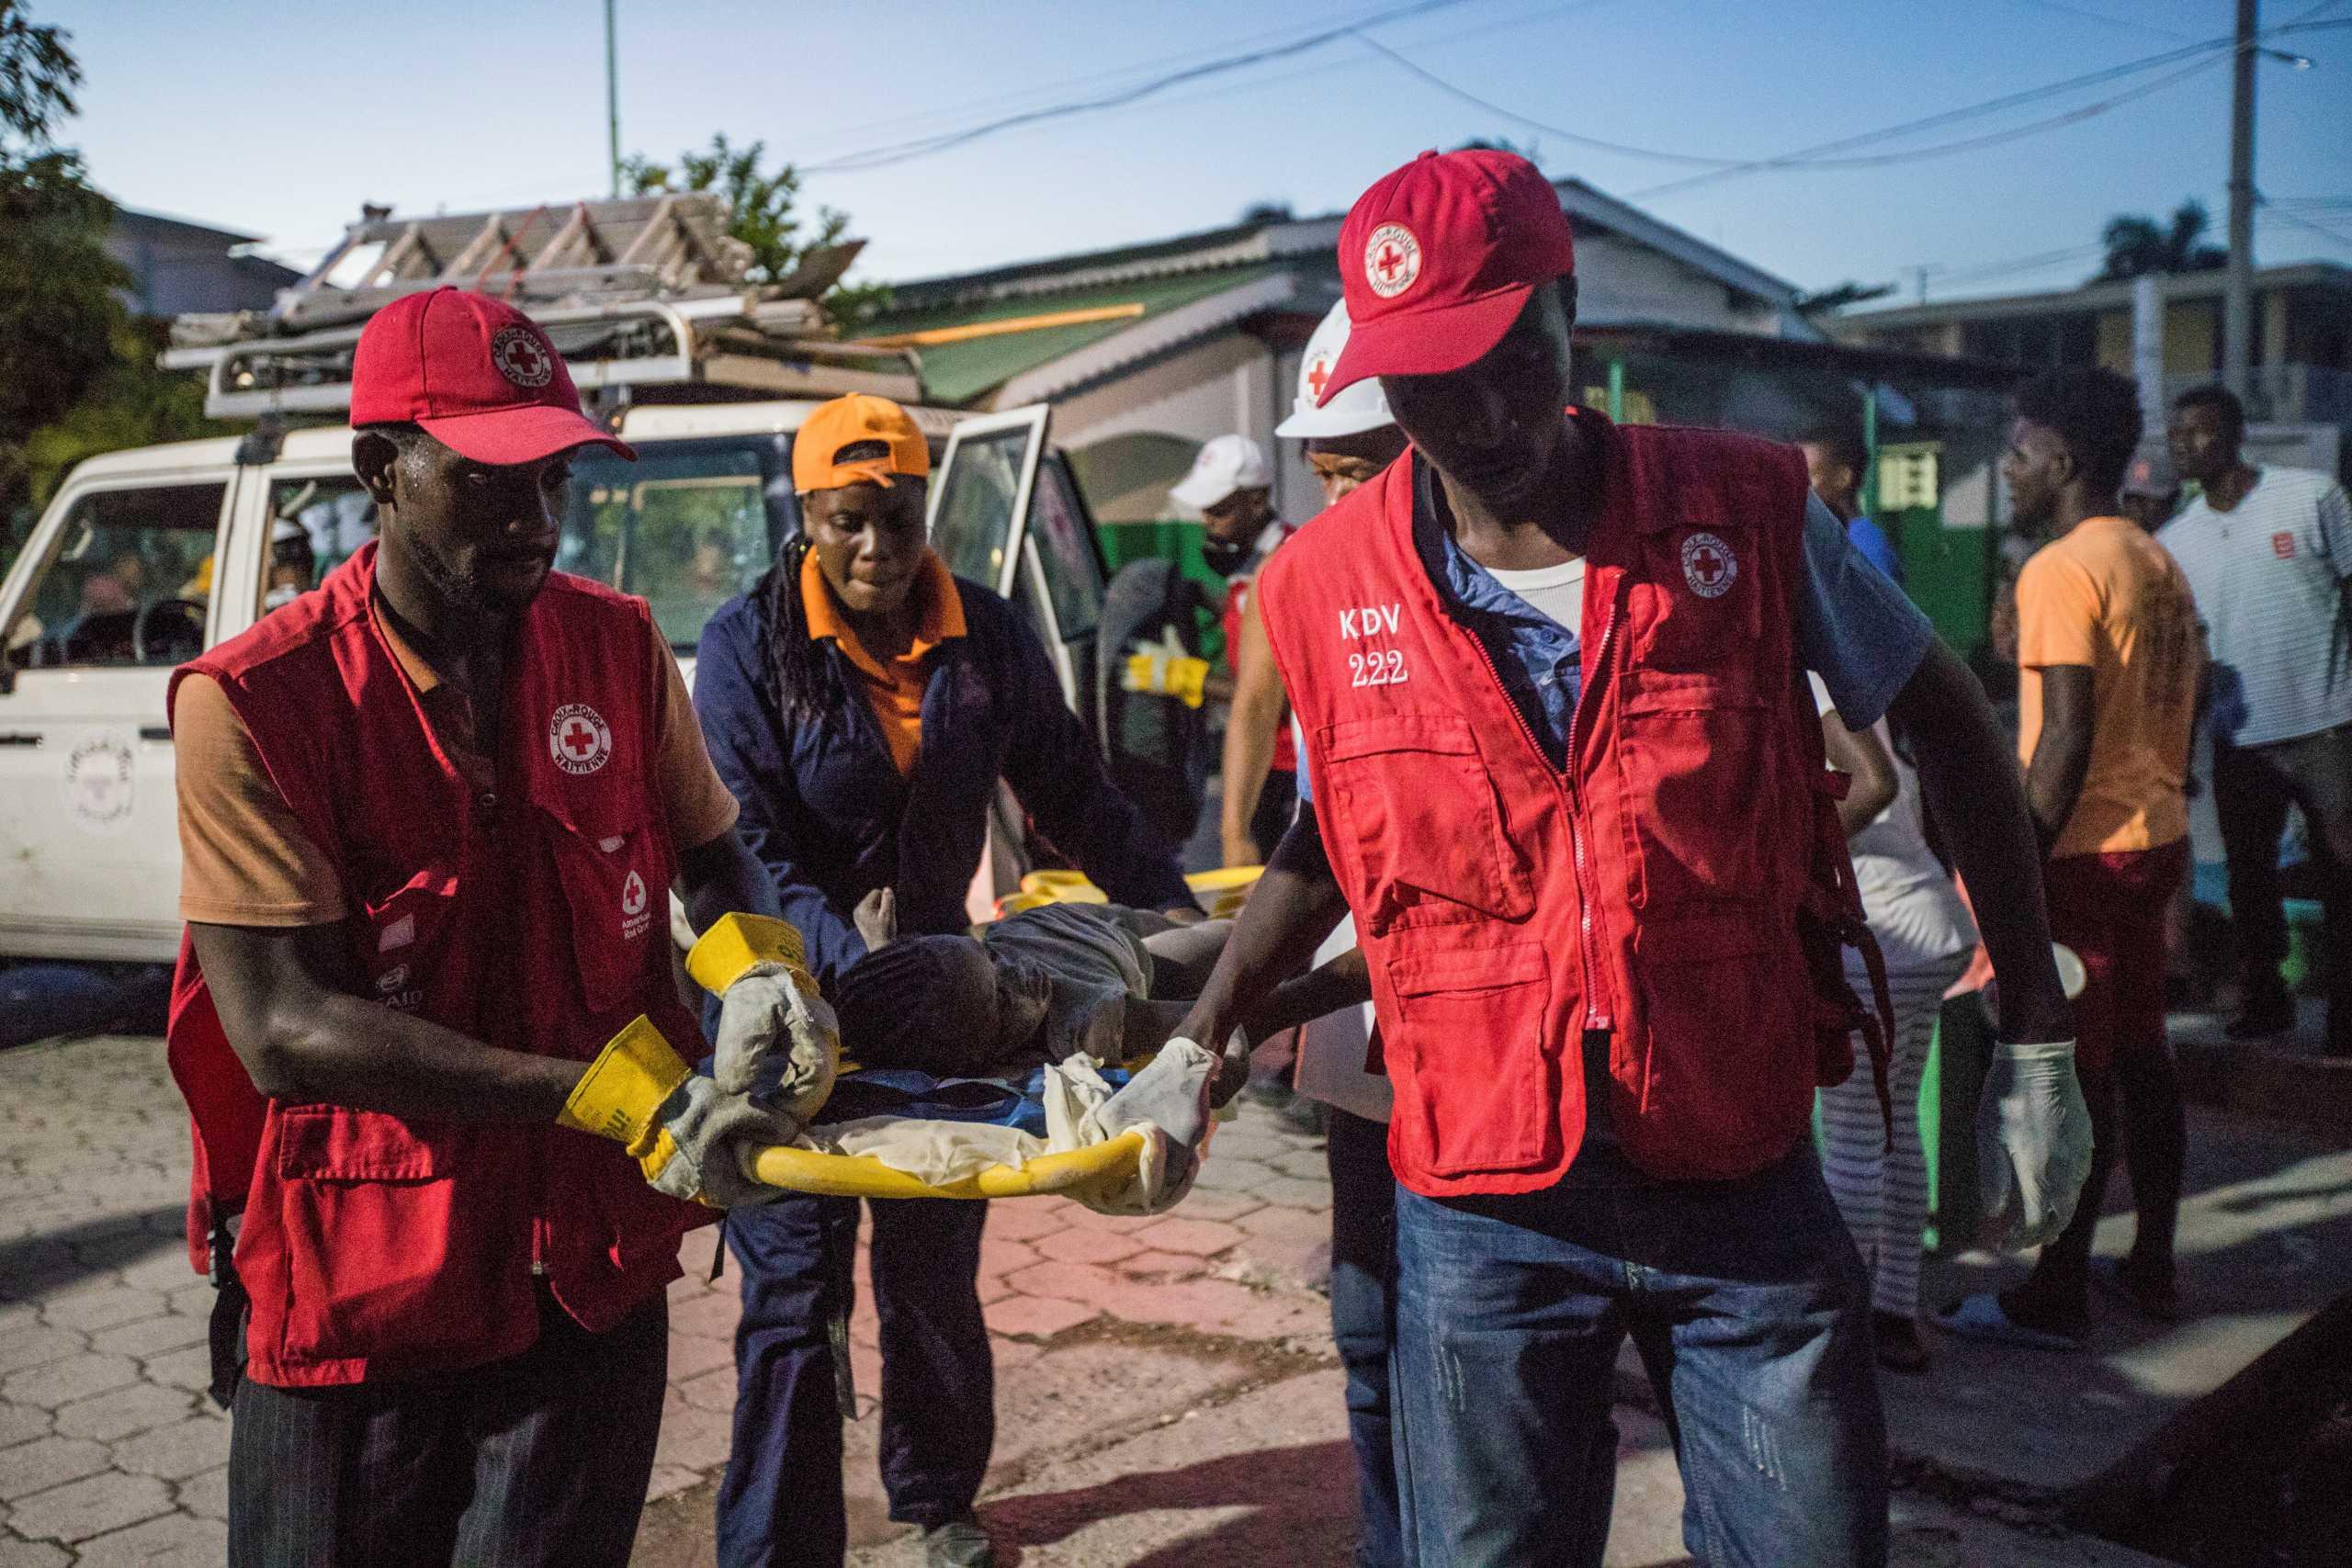 Σεισμός Αϊτή: Σχεδόν 1.300 οι νεκροί – «Νόμιζα πως το παιδί μου ήταν νεκρό»